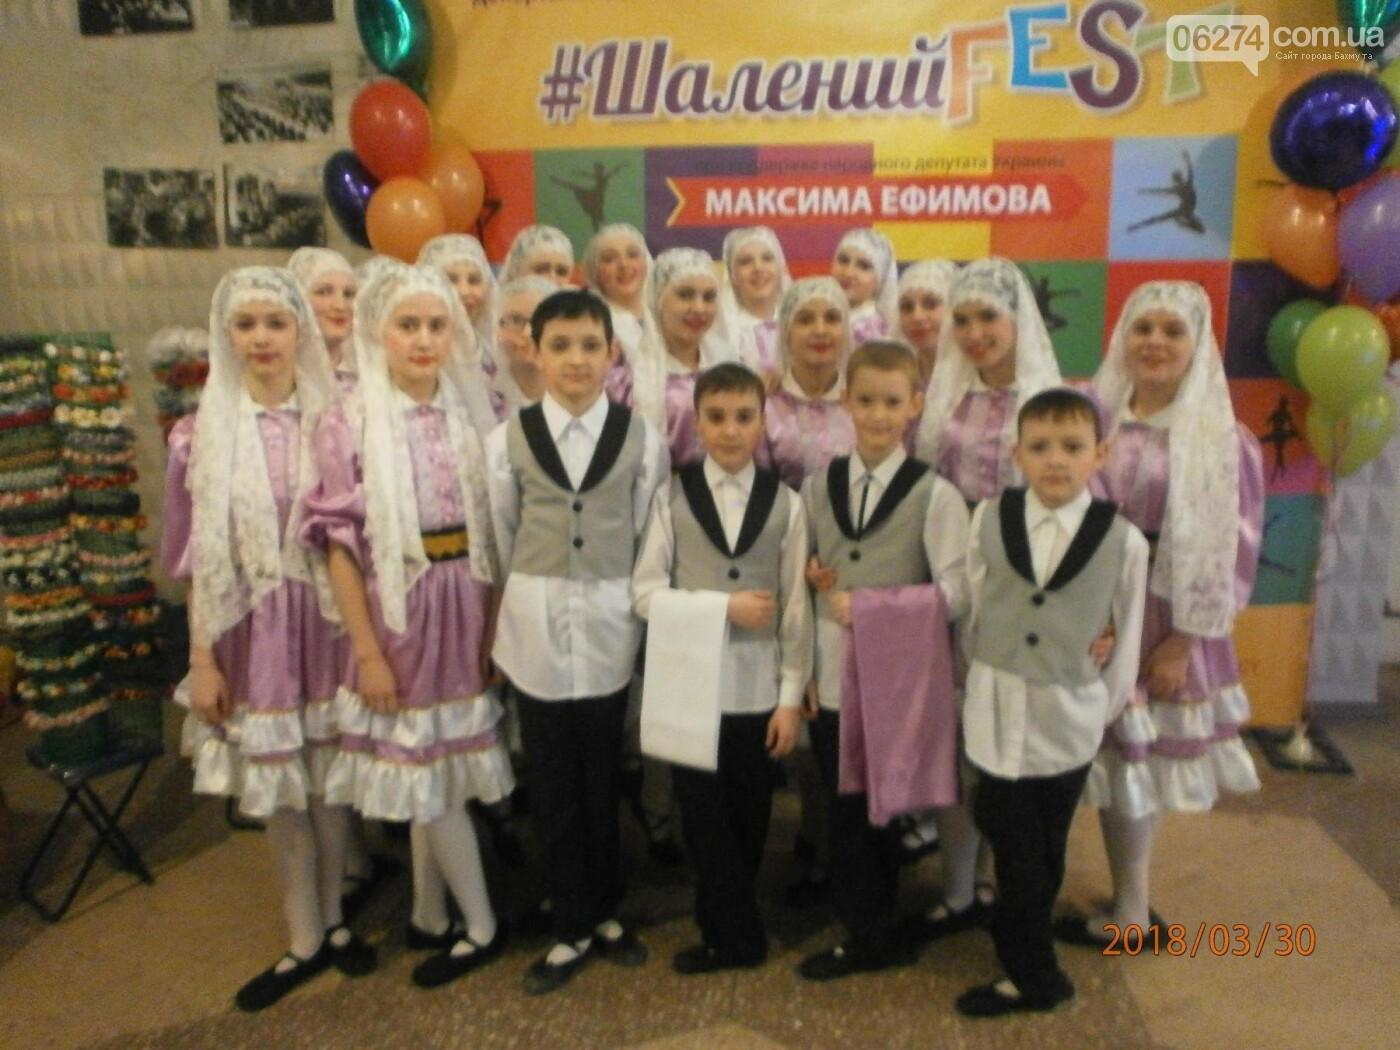 «Непоседы» из Бахмута стали лучшими на двух танцевальных конкурсах в Донецкой области, фото-4